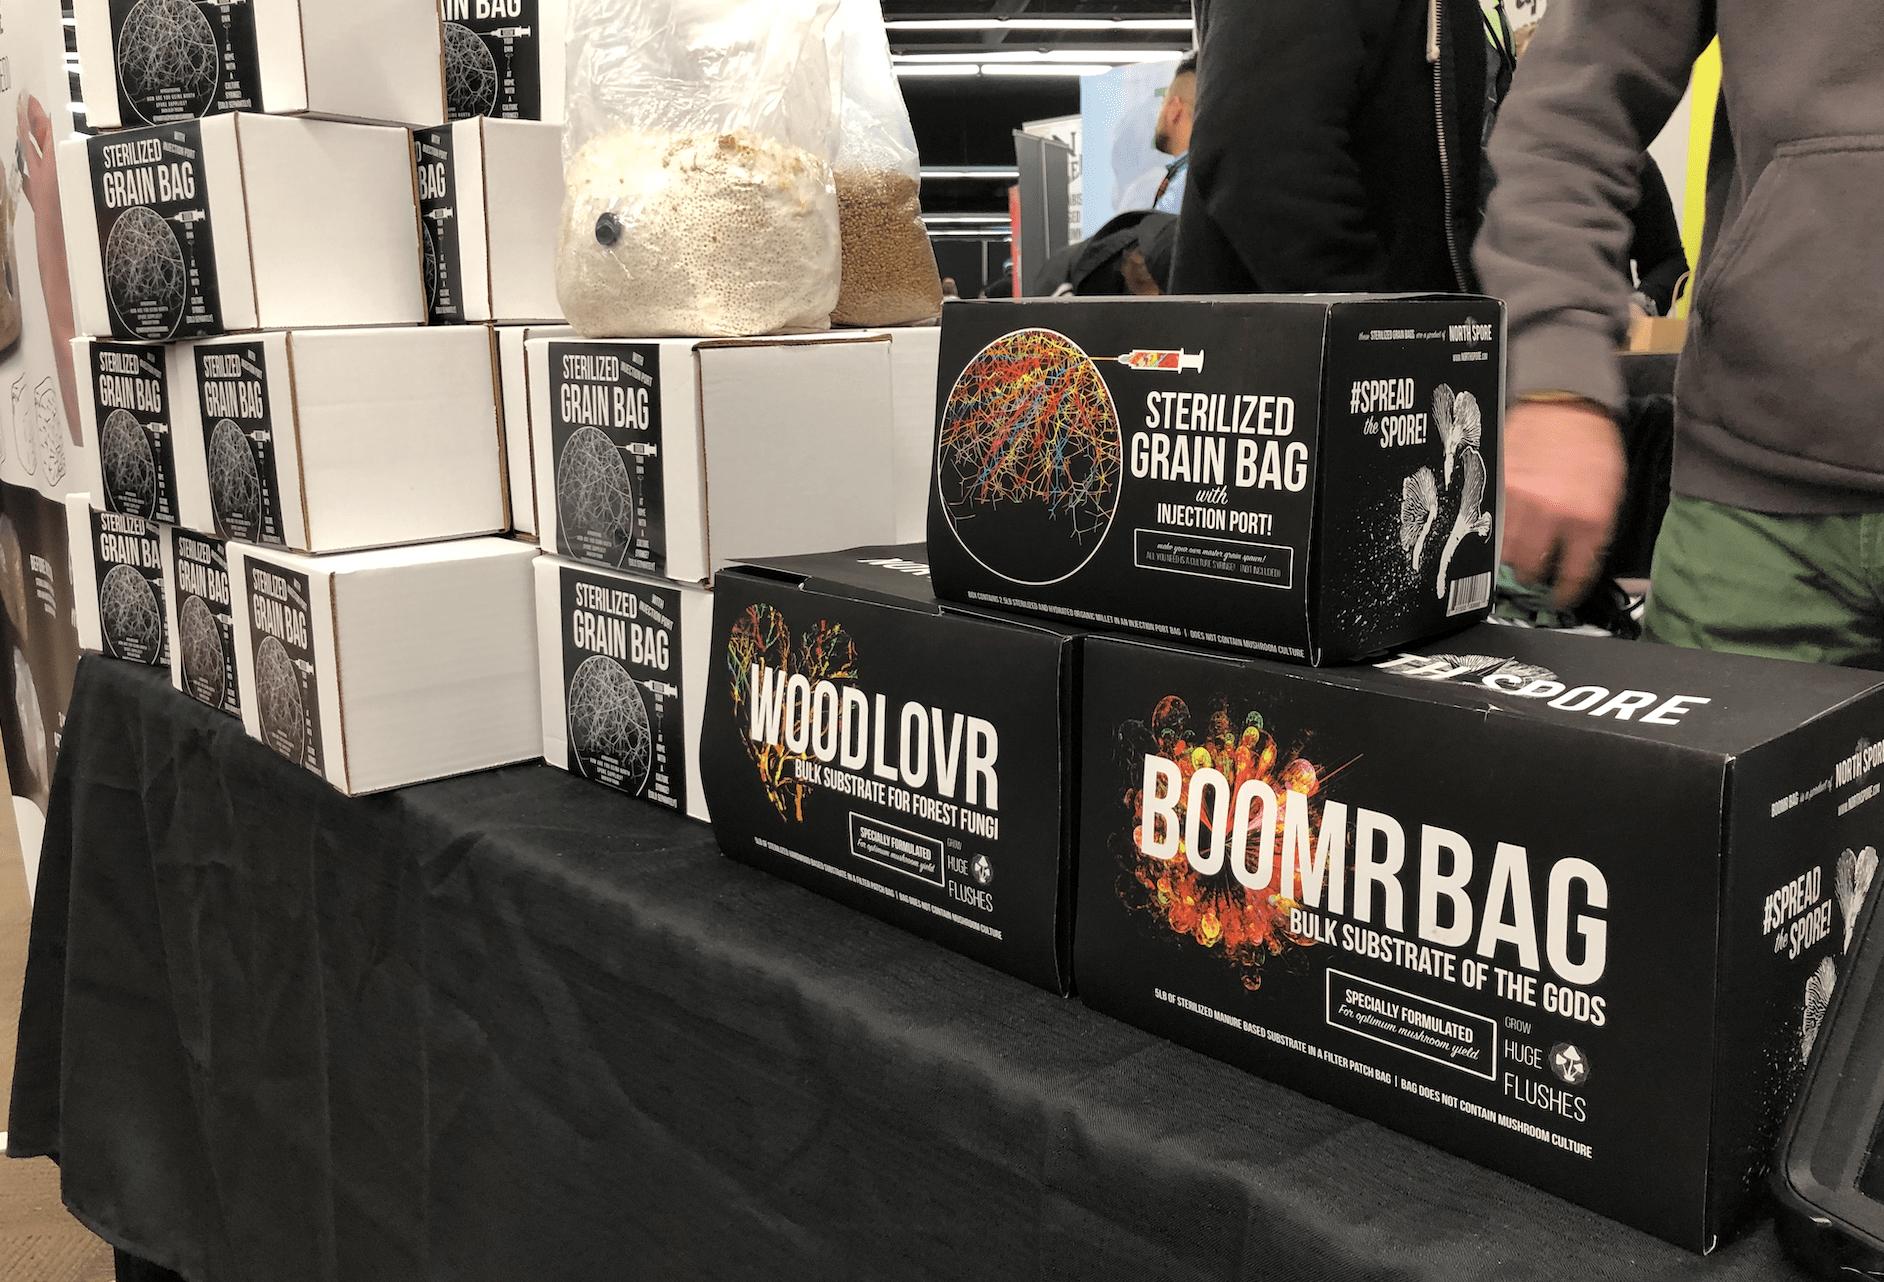 Mushroom Growing Bags